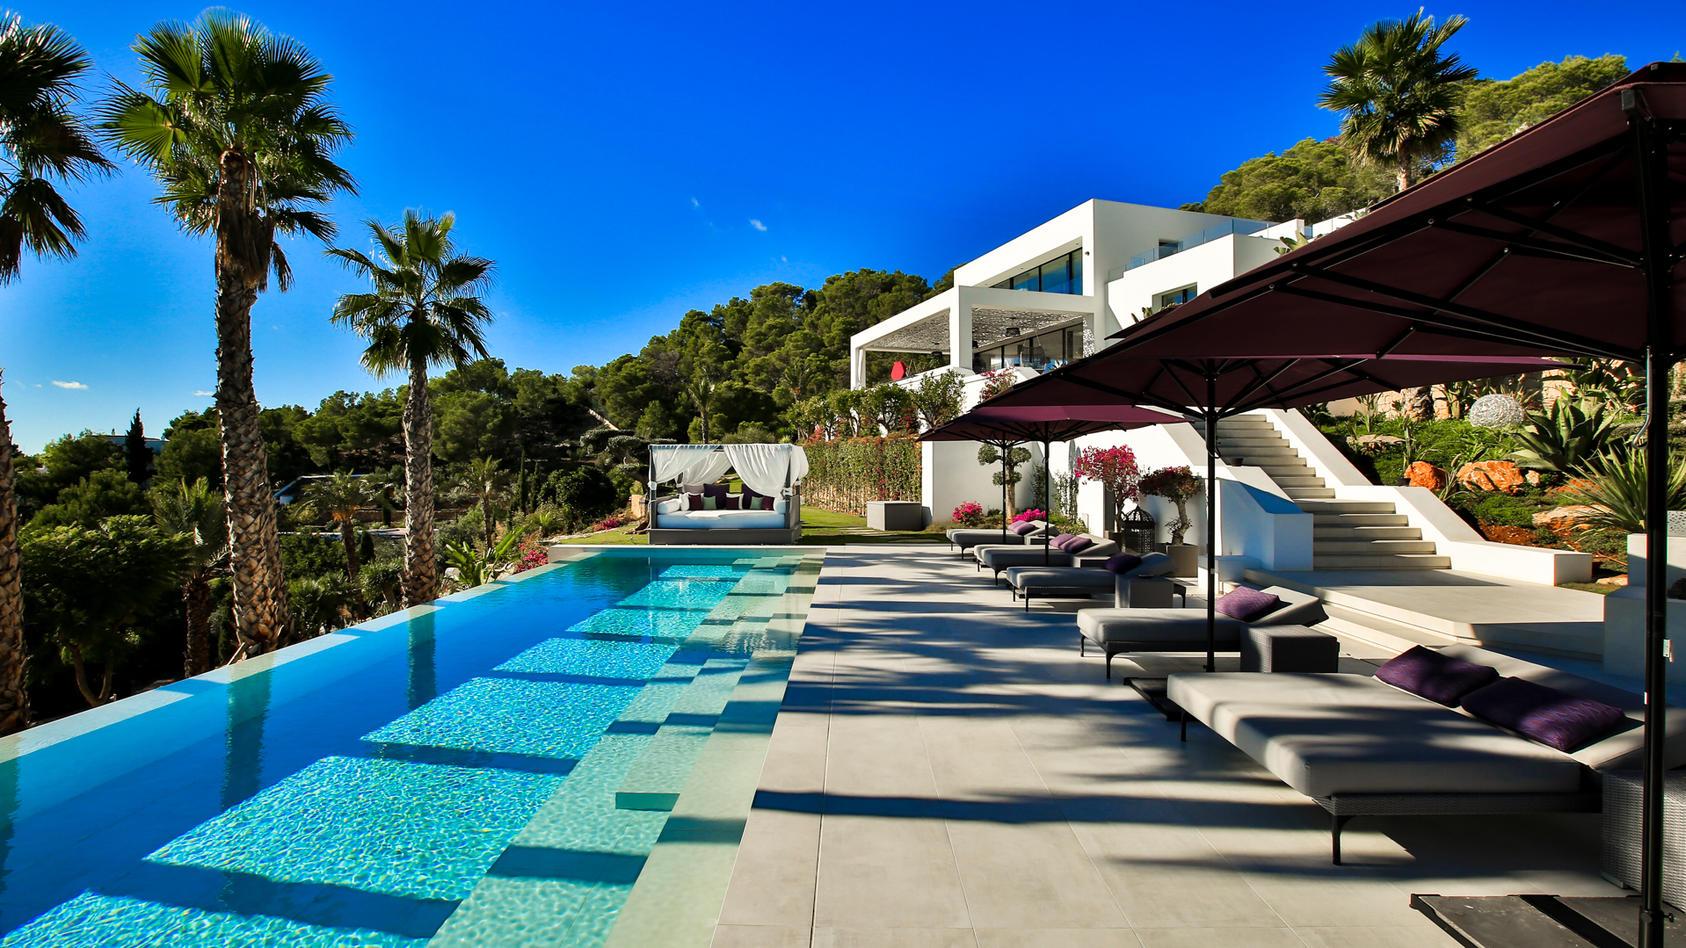 Diese Luxusvilla haben die Coronahelfer ganz für sich alleine (Quelle: Ibiza One)